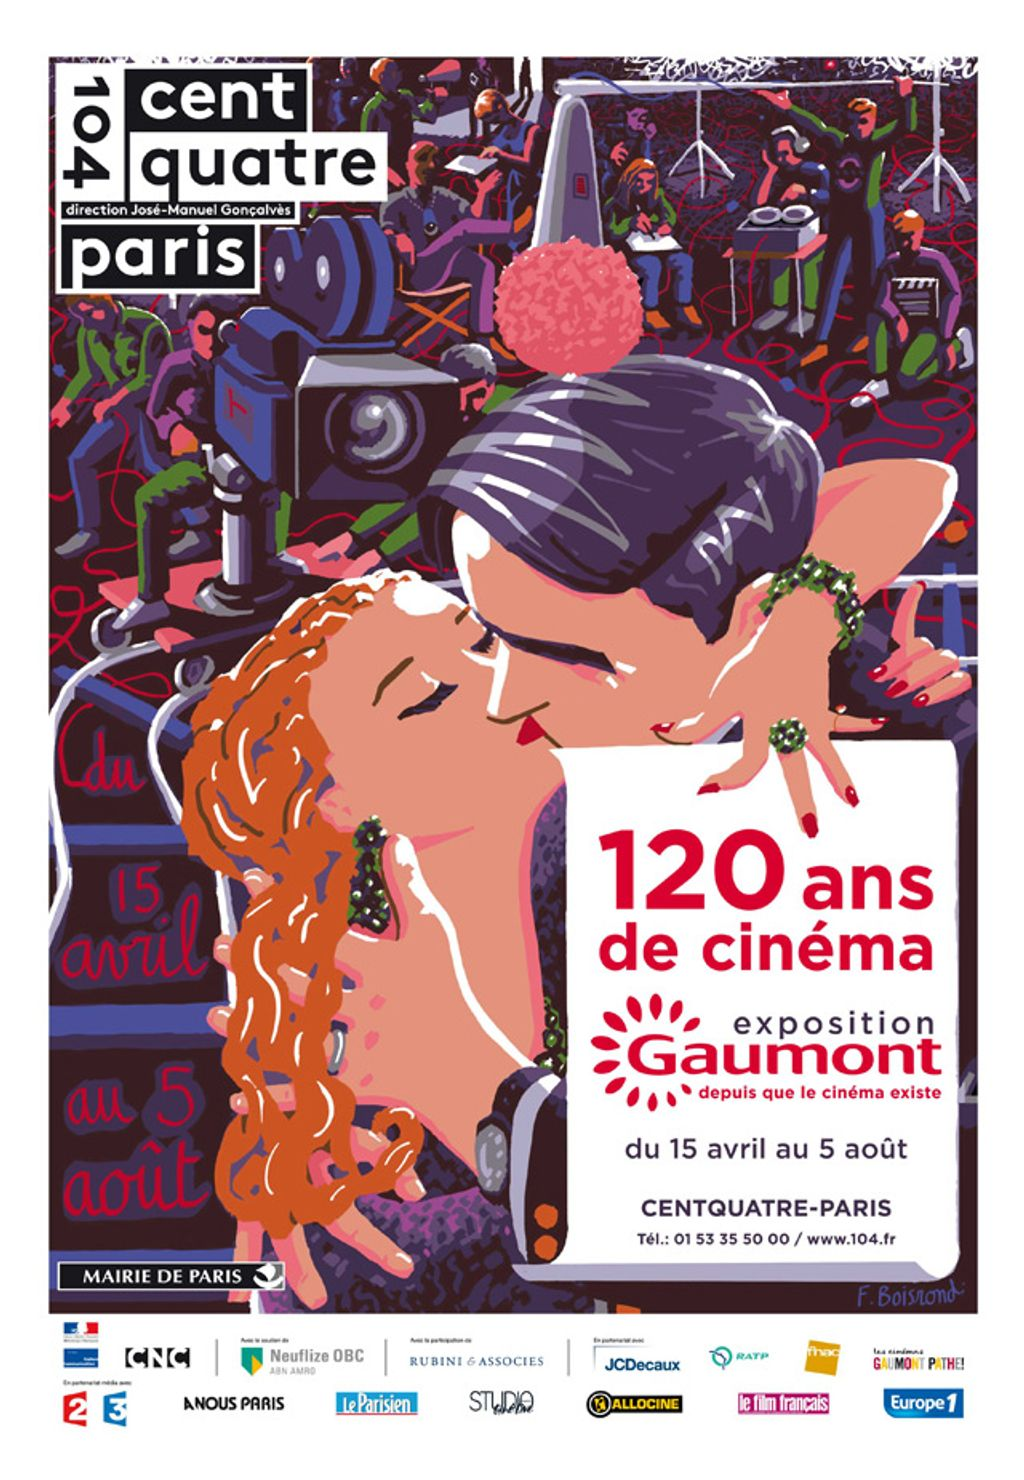 Célébrons 120 ans de cinéma avec Gaumont